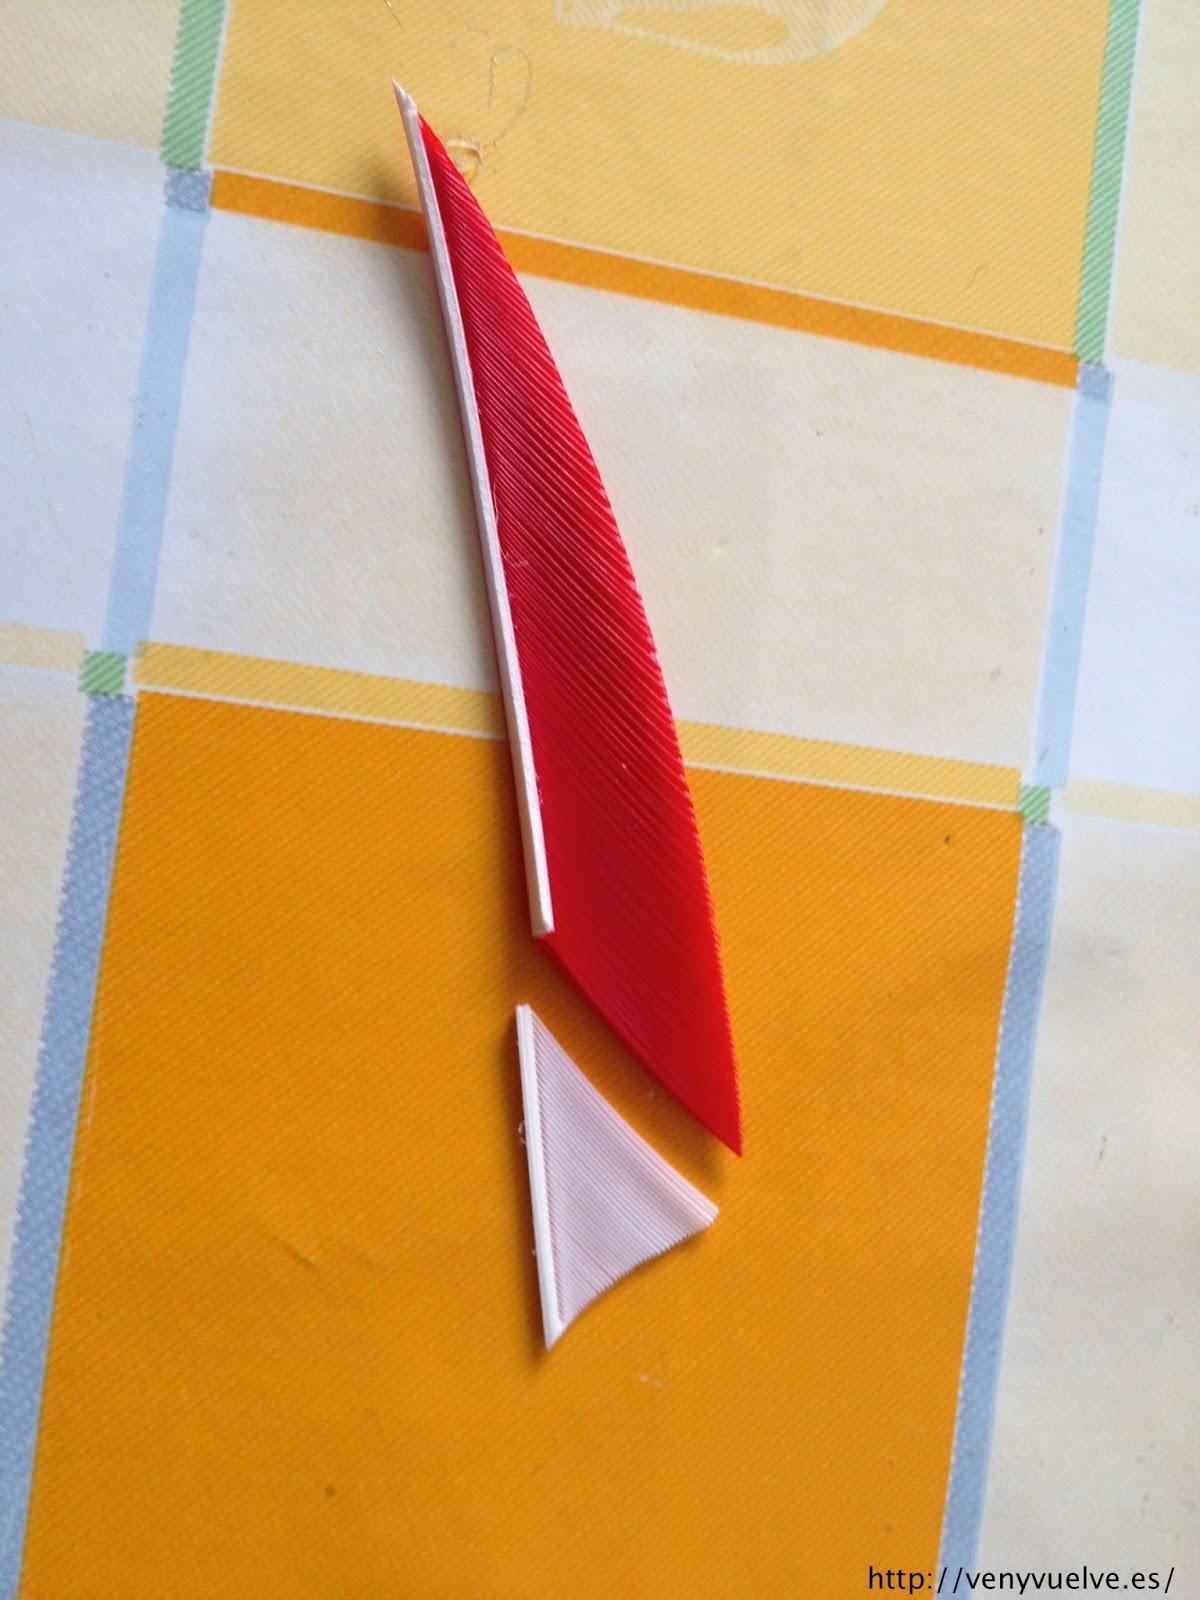 juntando los dos trozos cortados de las plumas